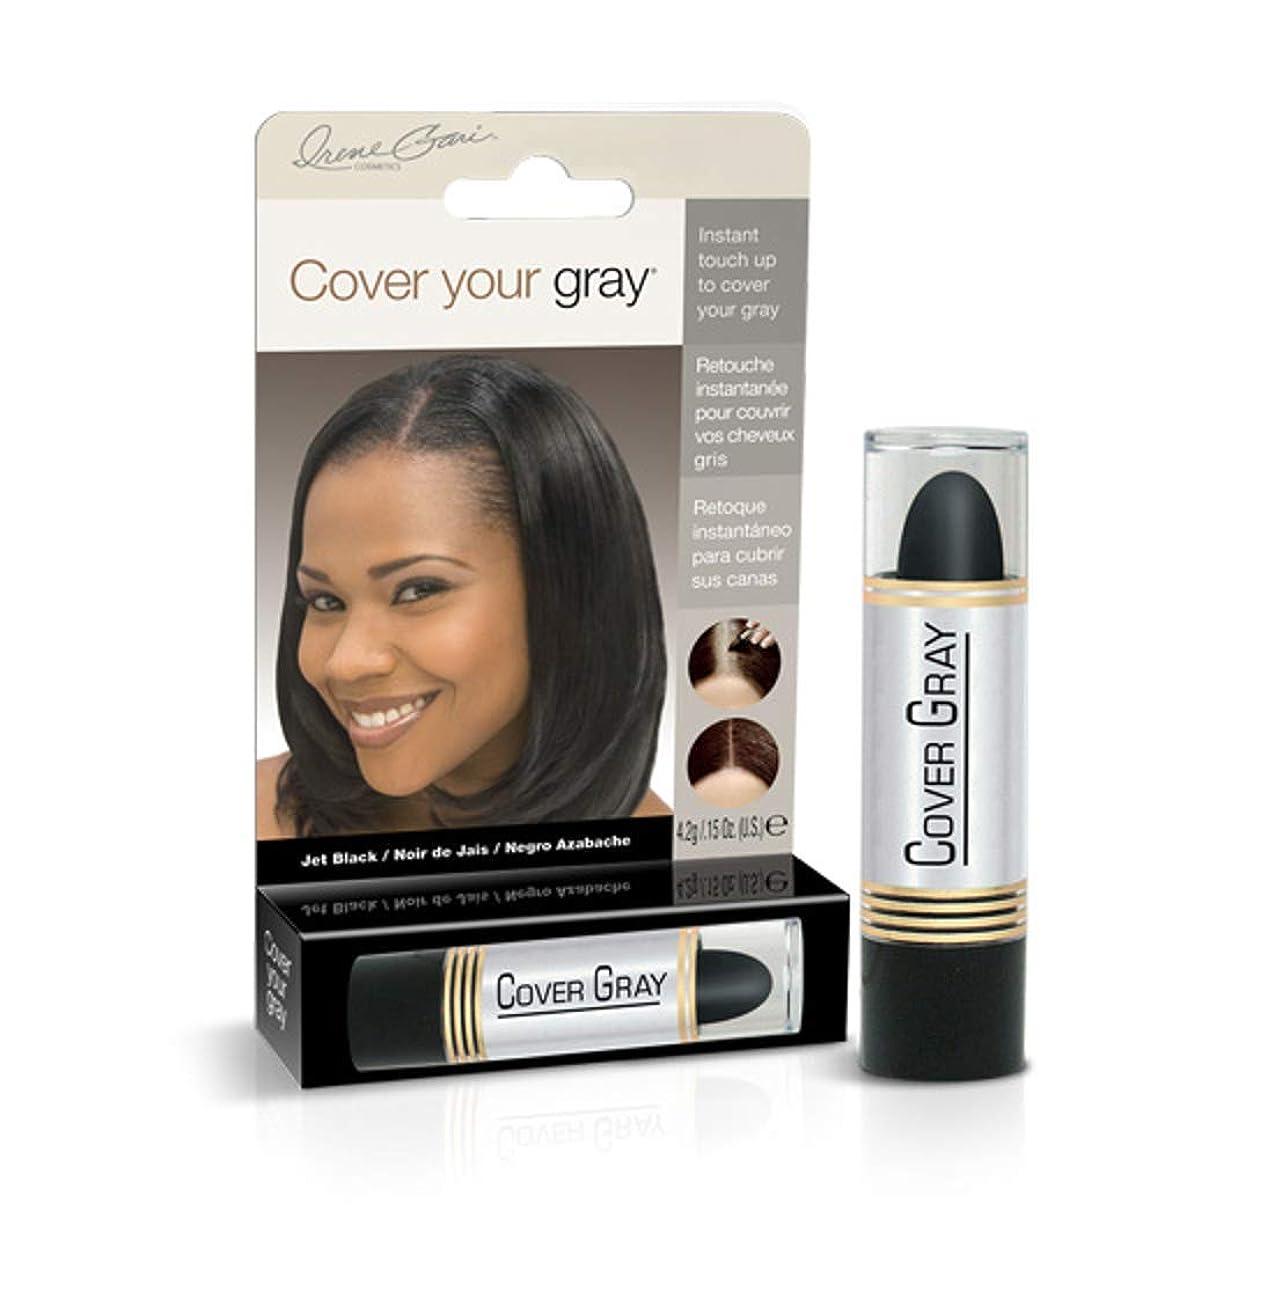 既に望み債務Cover Your Gray ヘアカラージェルブラック(2パック)